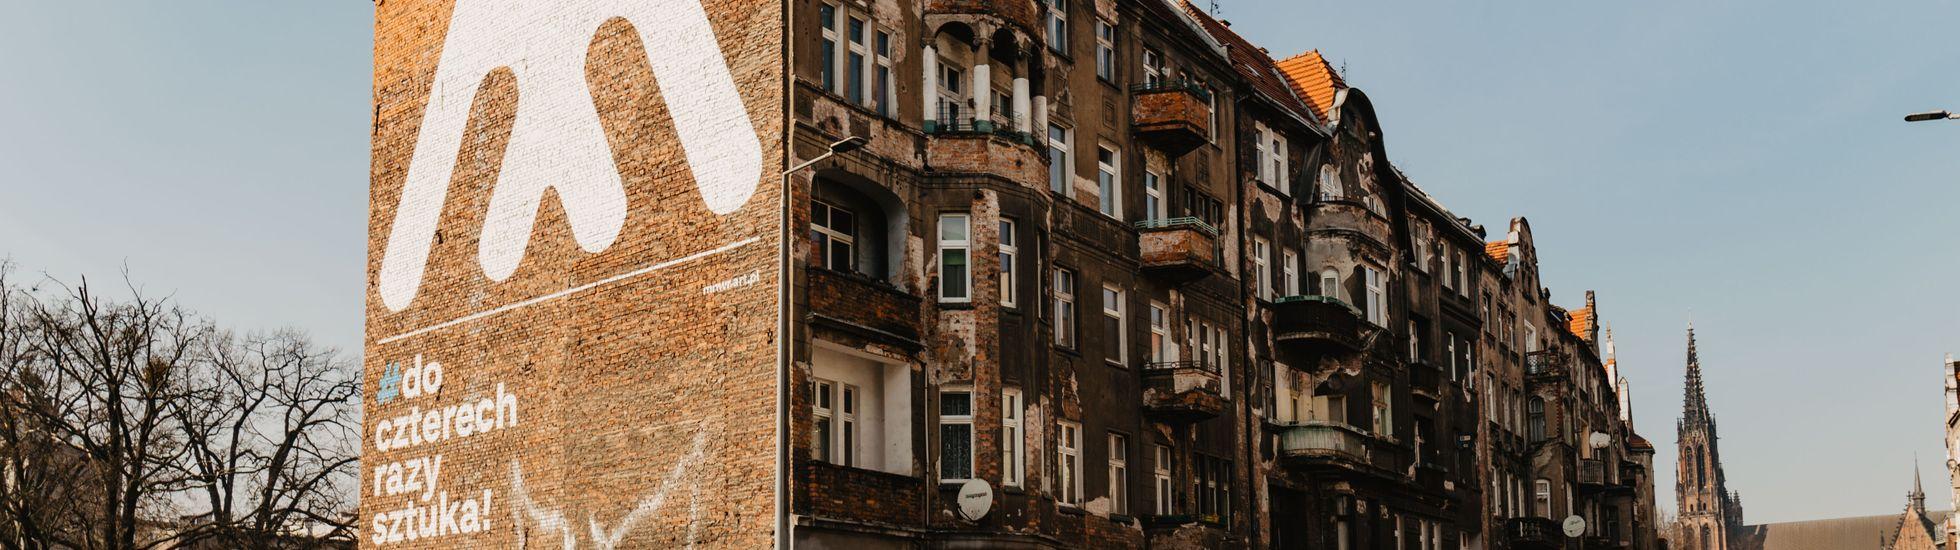 Wrocław: Remont kamienic przy Wyszyńskiego droższy o miliony złotych. Znamy wykonawców